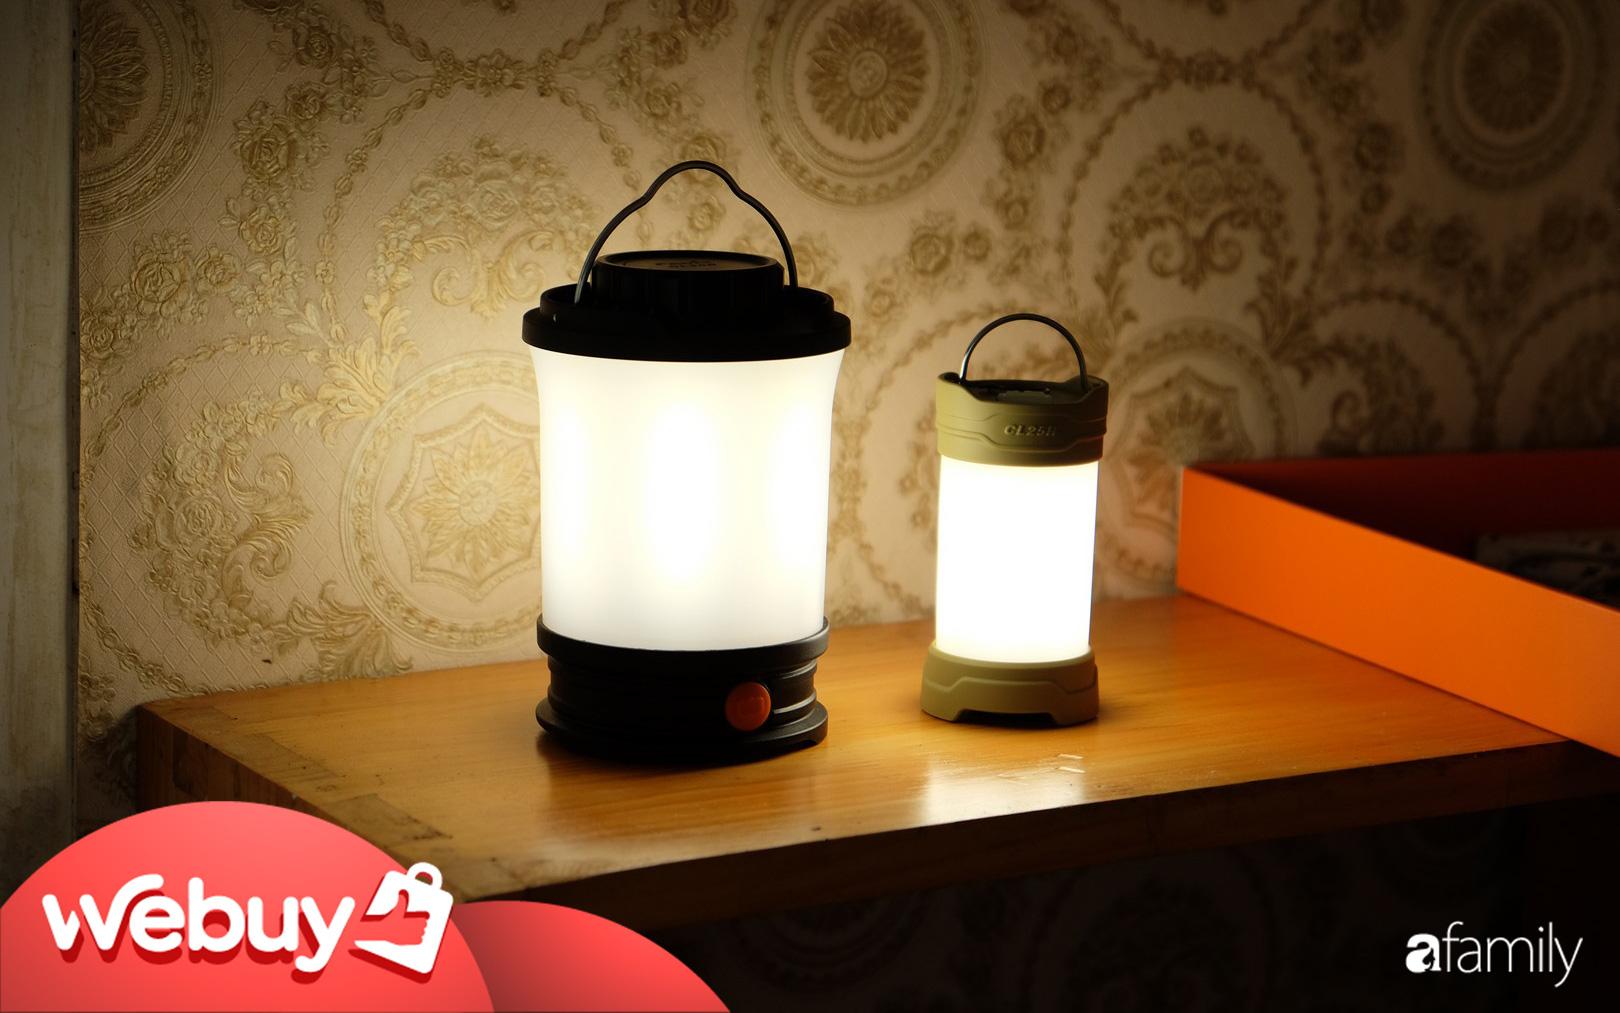 Thường xuyên bị cắt điện luân phiên, các chị em nên sắm ngay những chiếc đèn sạc này để không phải lo sống trong bóng tối